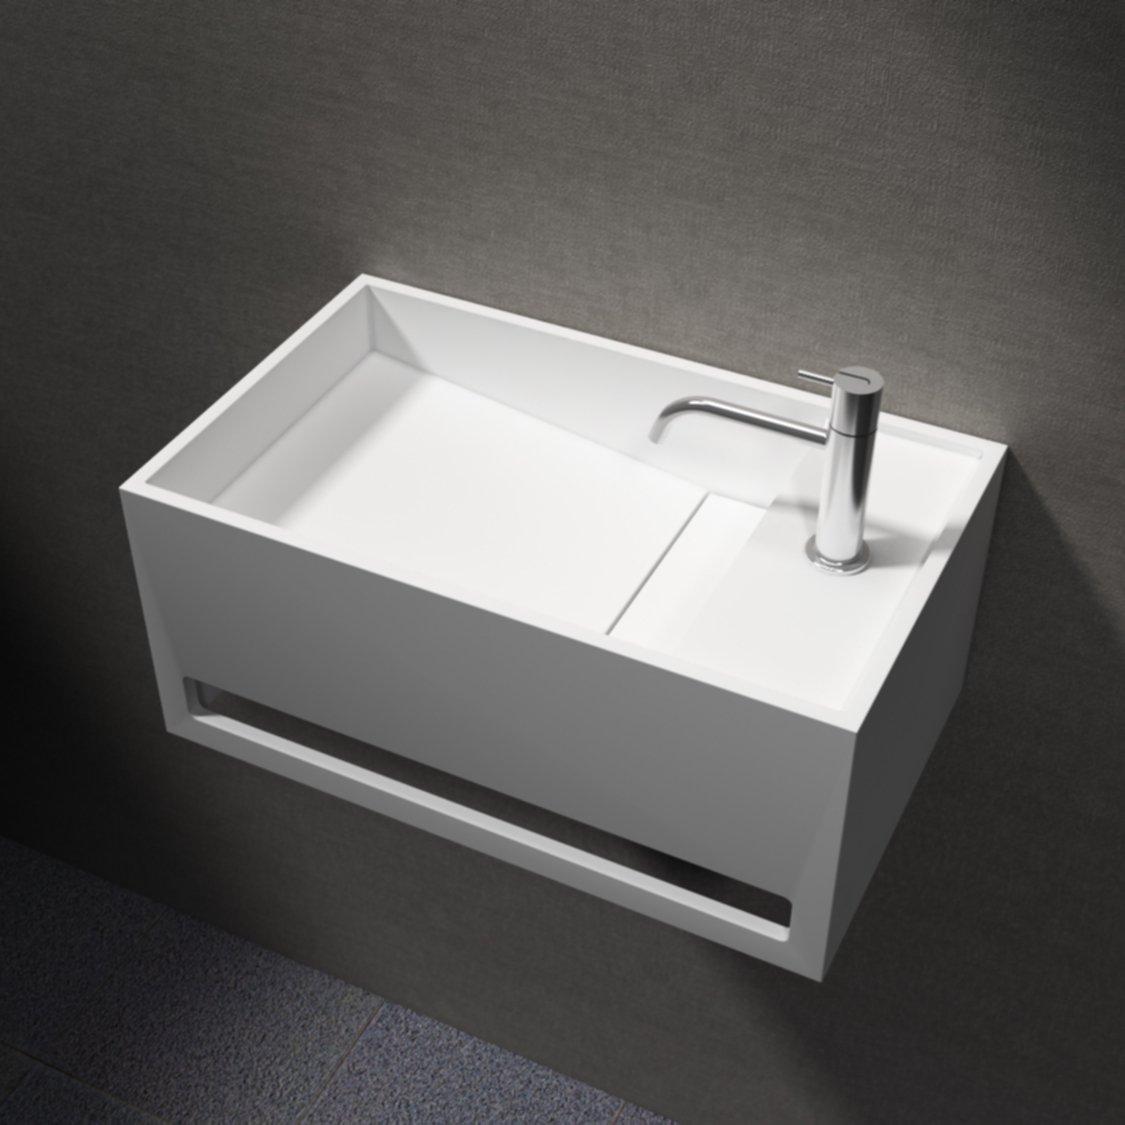 Waschbecken Wandwaschbecken PB2078 mit integriertem Handtuchhalter aus Mineralguss Solid Stone